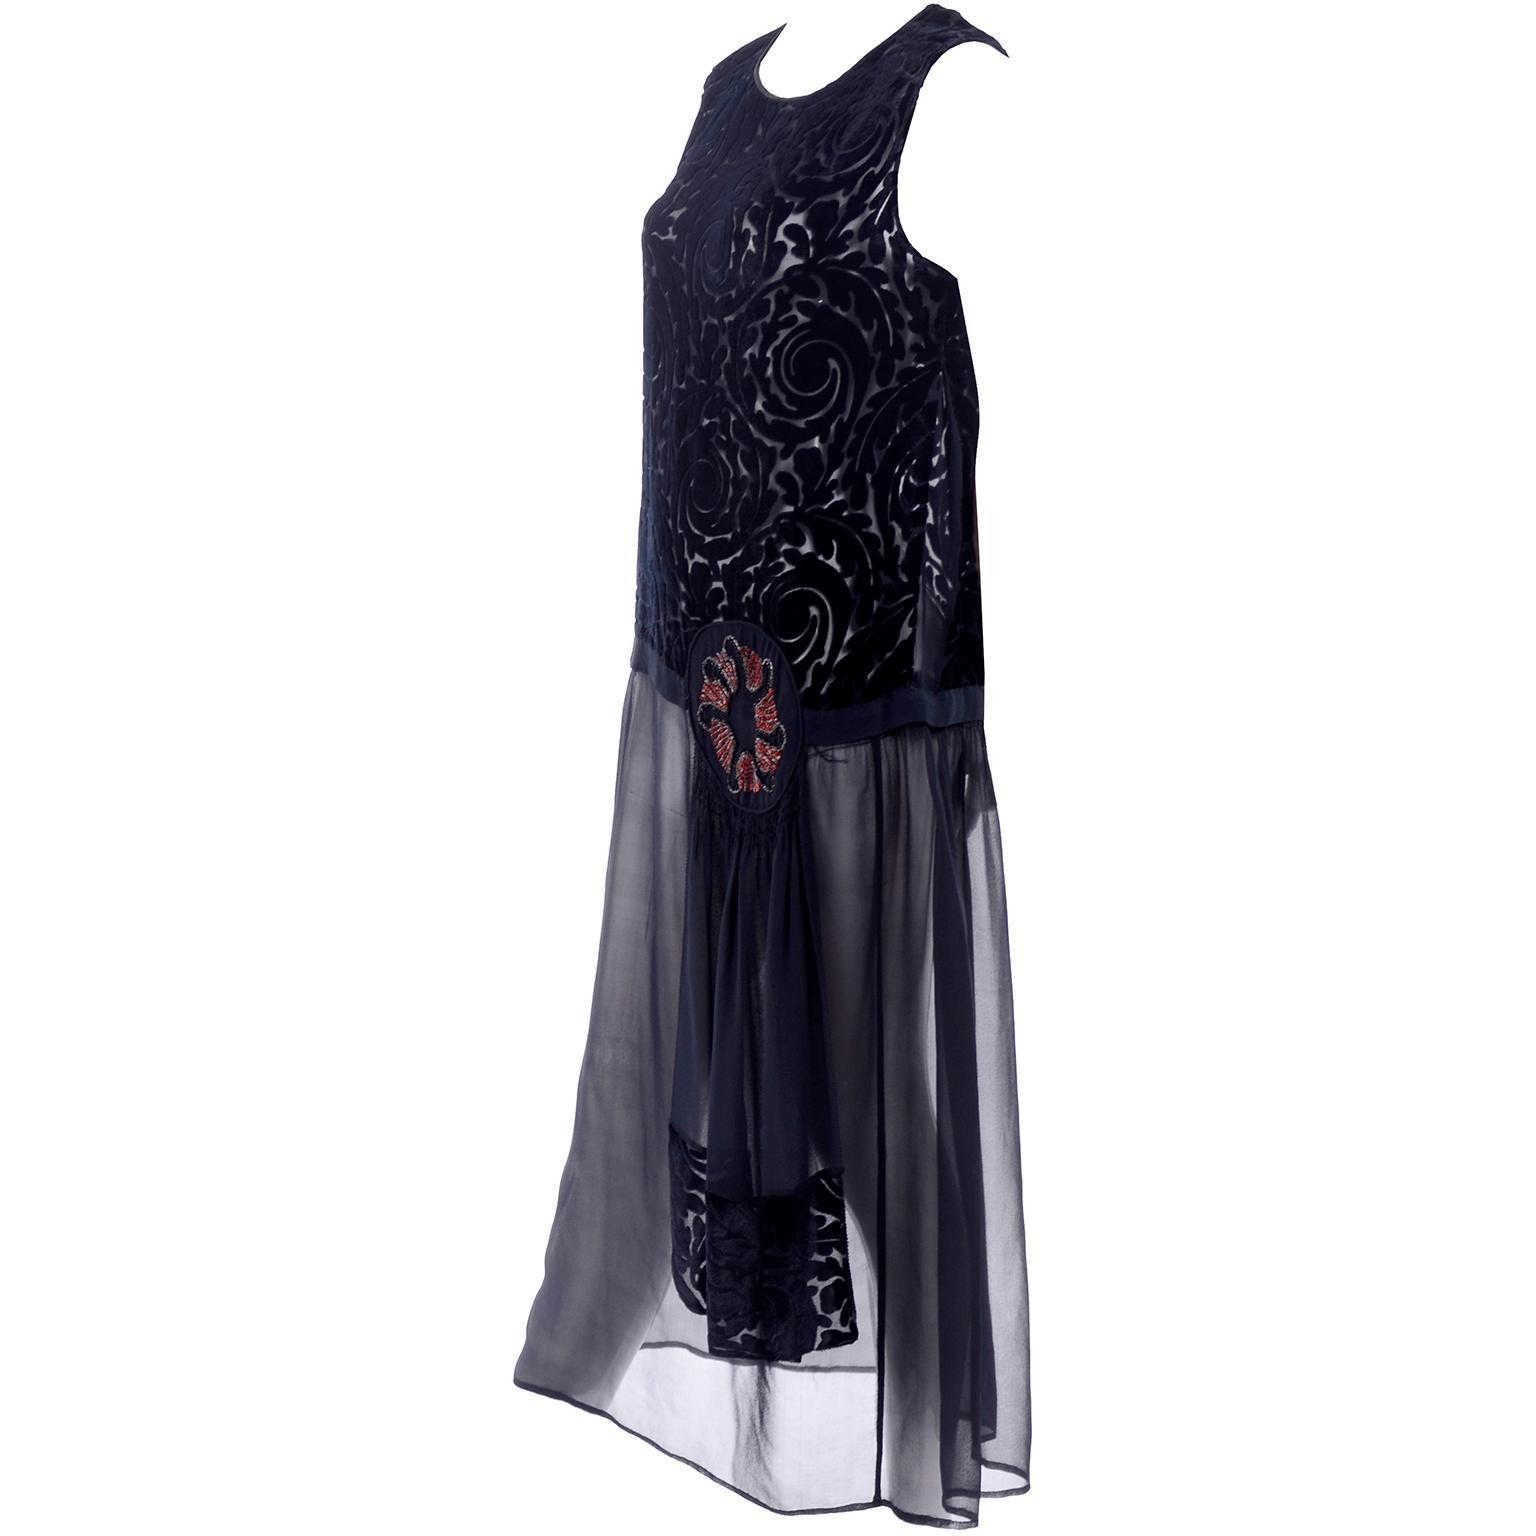 8fcd2245c4 Beaded Flapper Dresses - 70 For Sale on 1stdibs